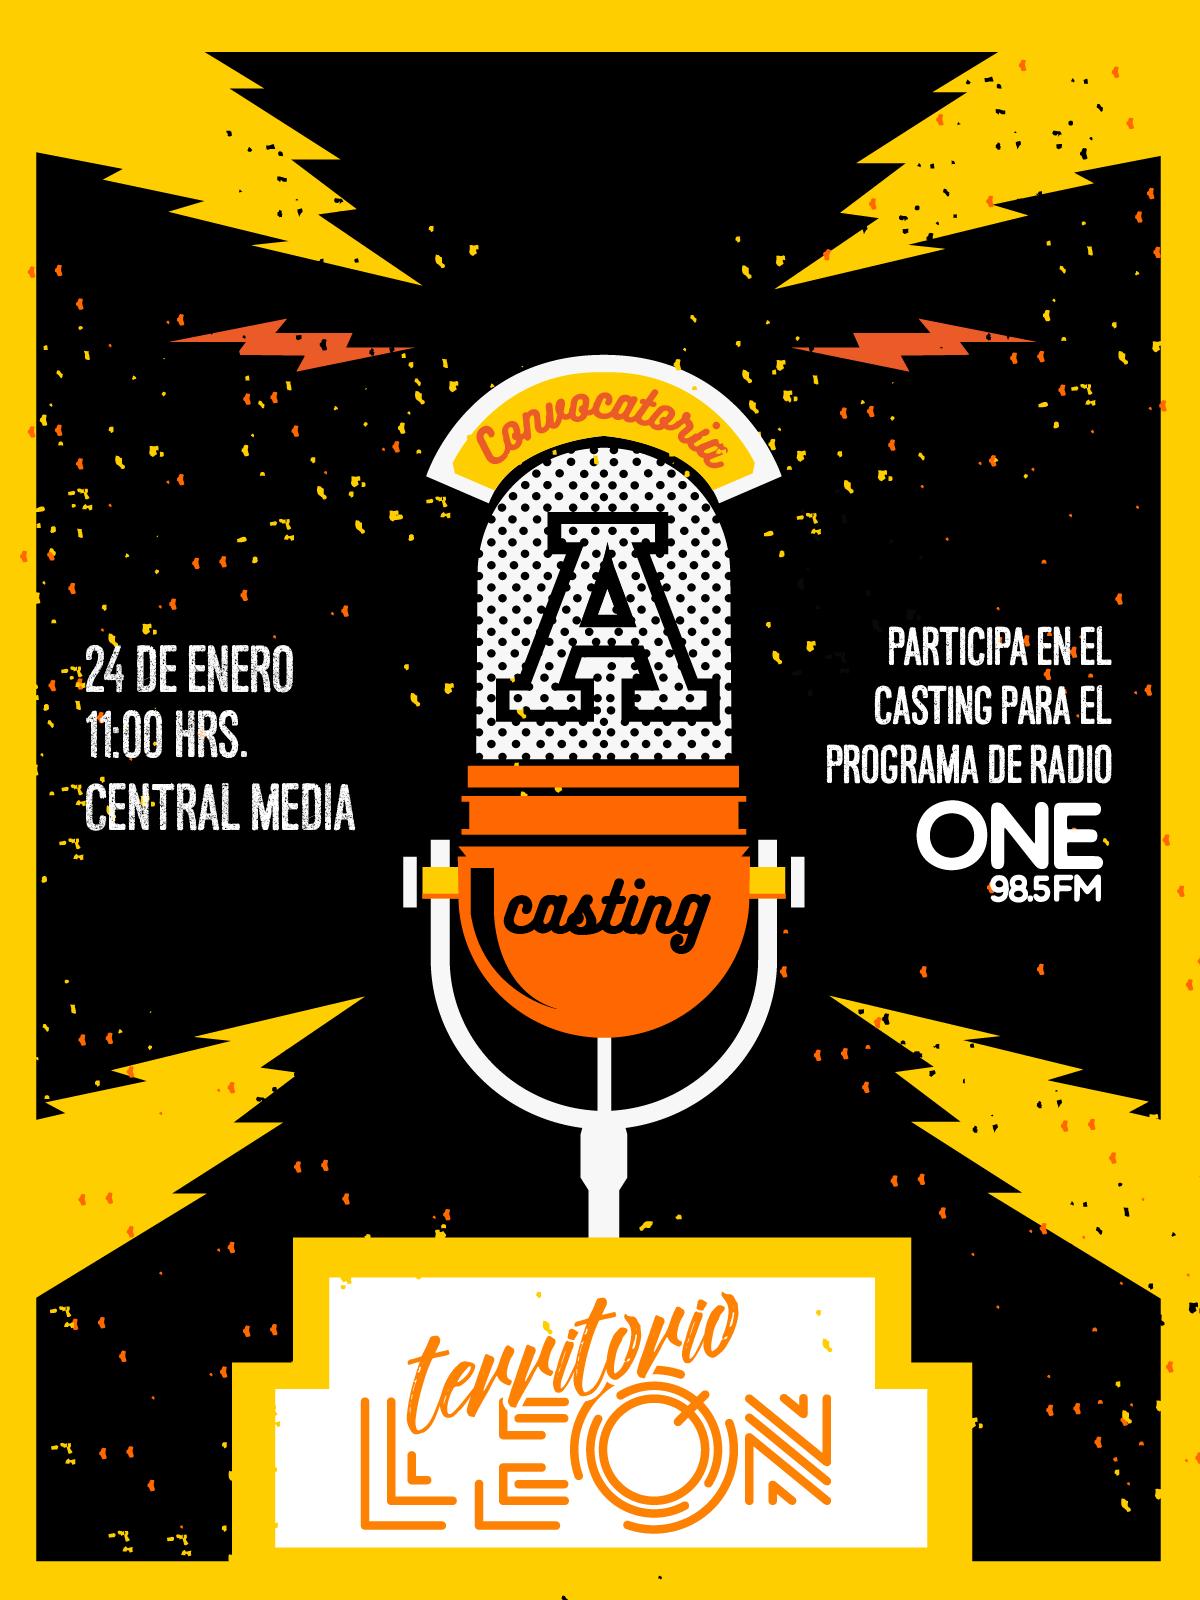 Casting para Territorio León